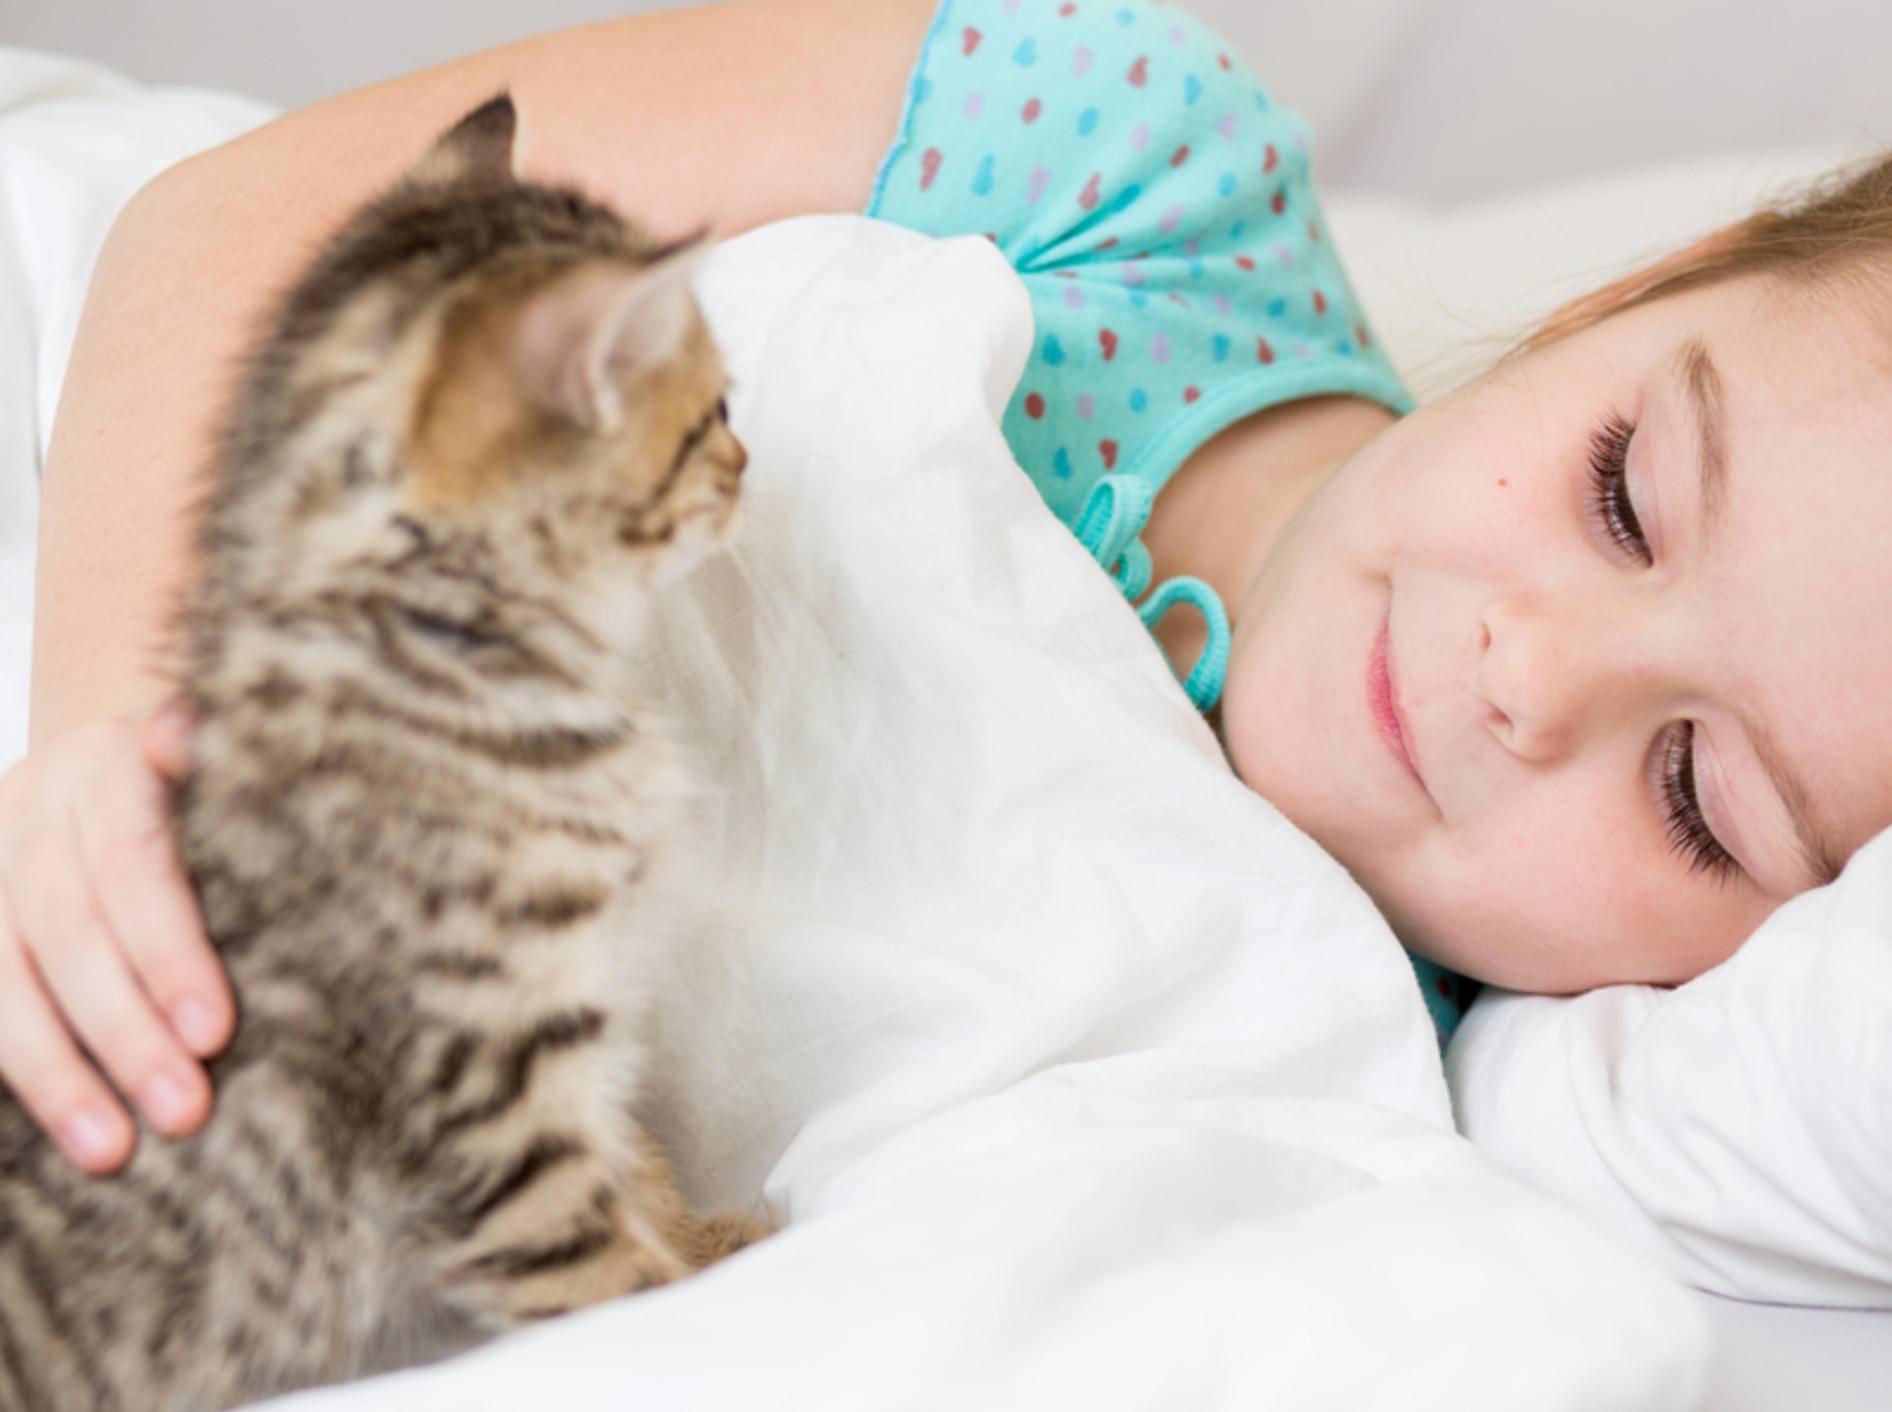 Nachts wird geschlafen: Einige Katzen müssen das noch lernen – Bild: Shutterstock / Oksana Kuzmina